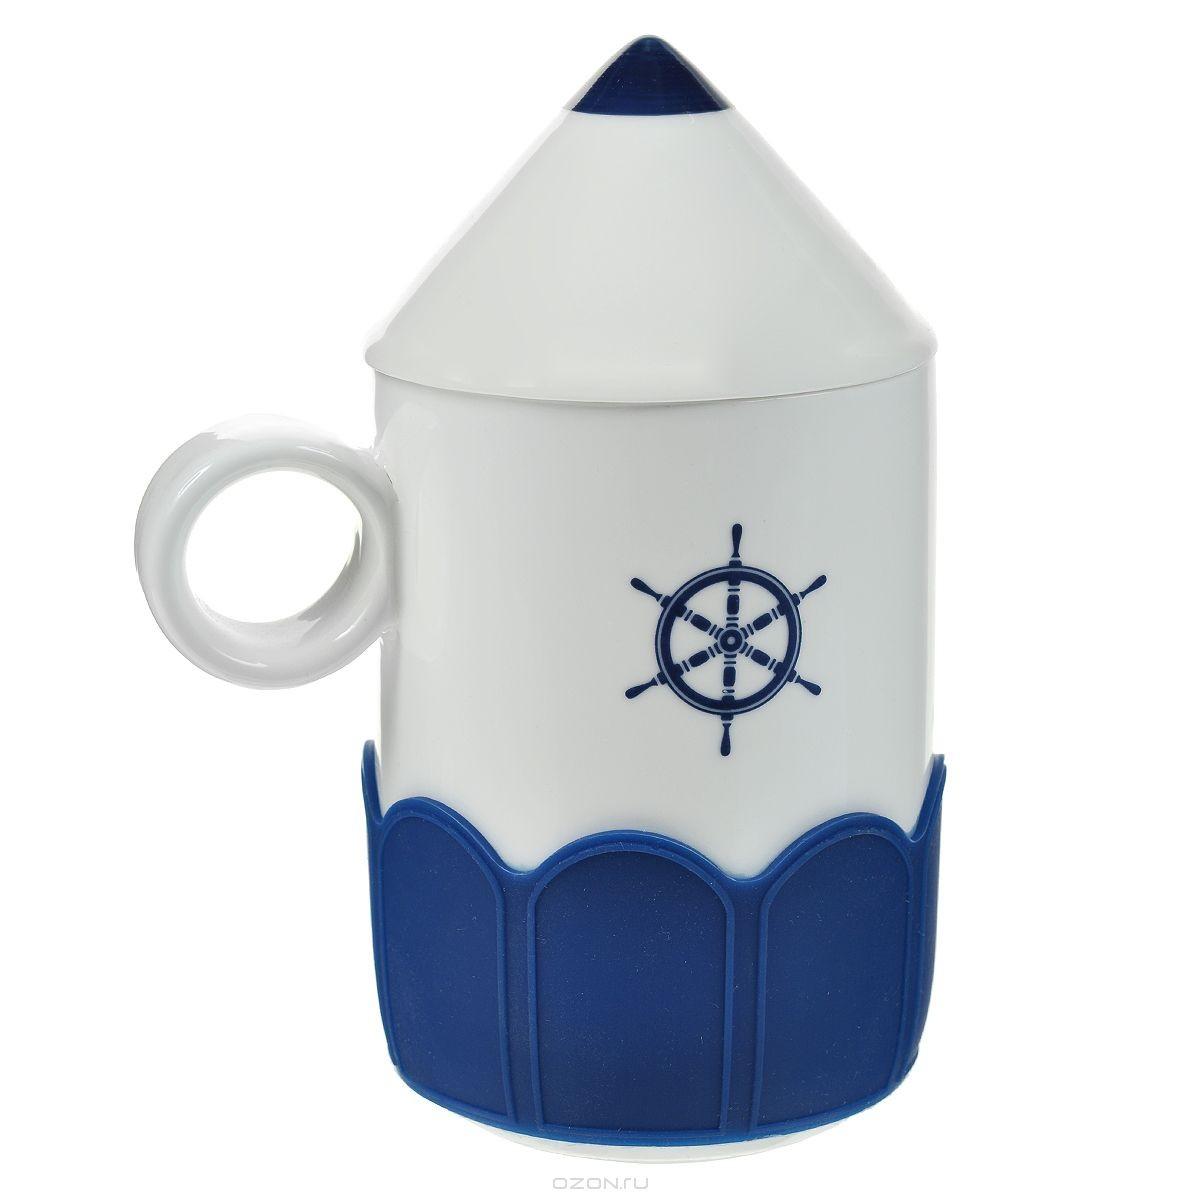 Кружка Карандаш, с крышкой, цвет: белый, синий.